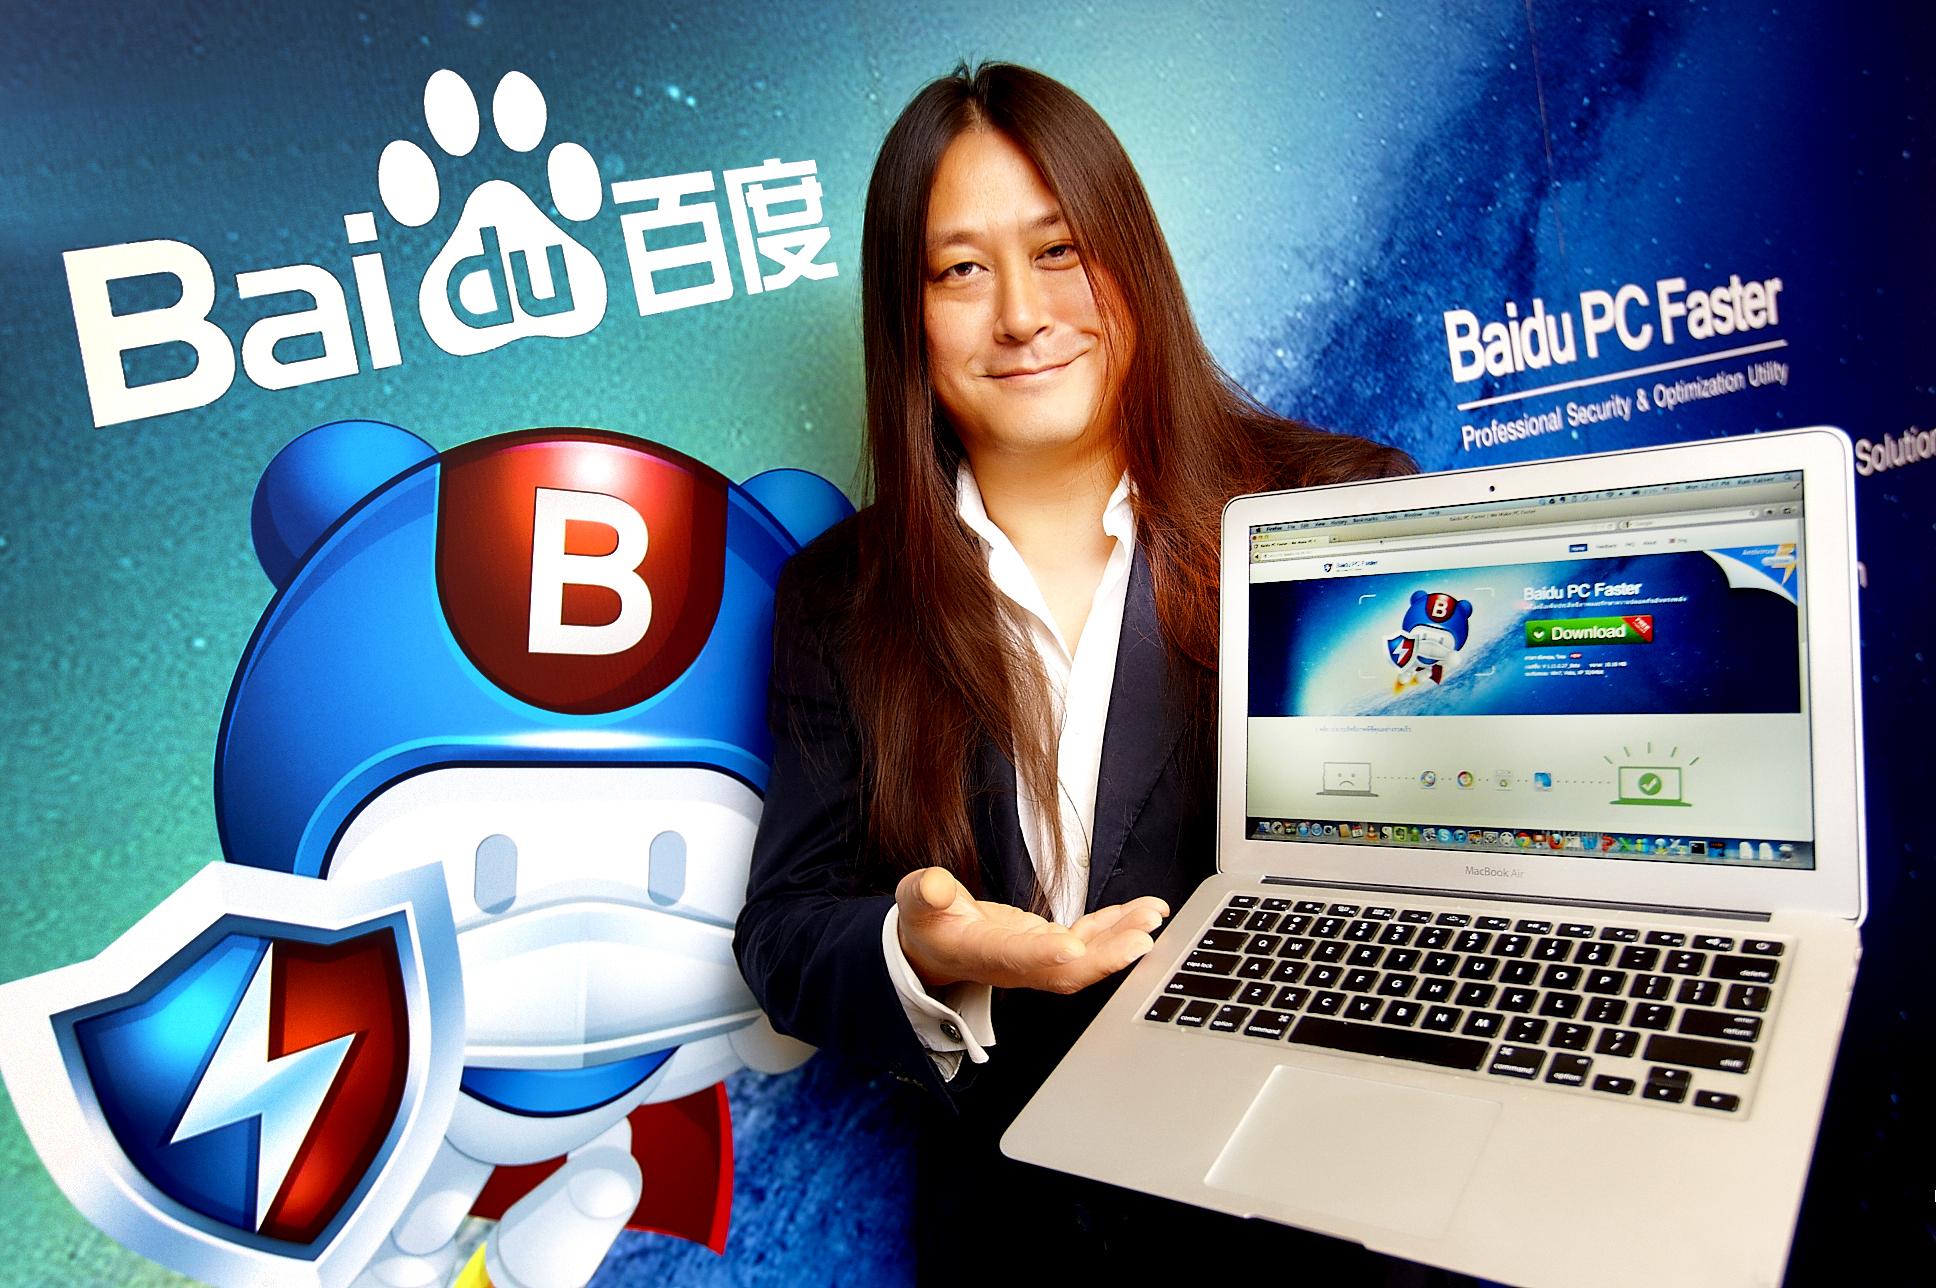 """""""ไป่ตู้"""" สยายปีกธุรกิจในเมืองไทย เปิดตัว Baidu PC Faster 2.0"""